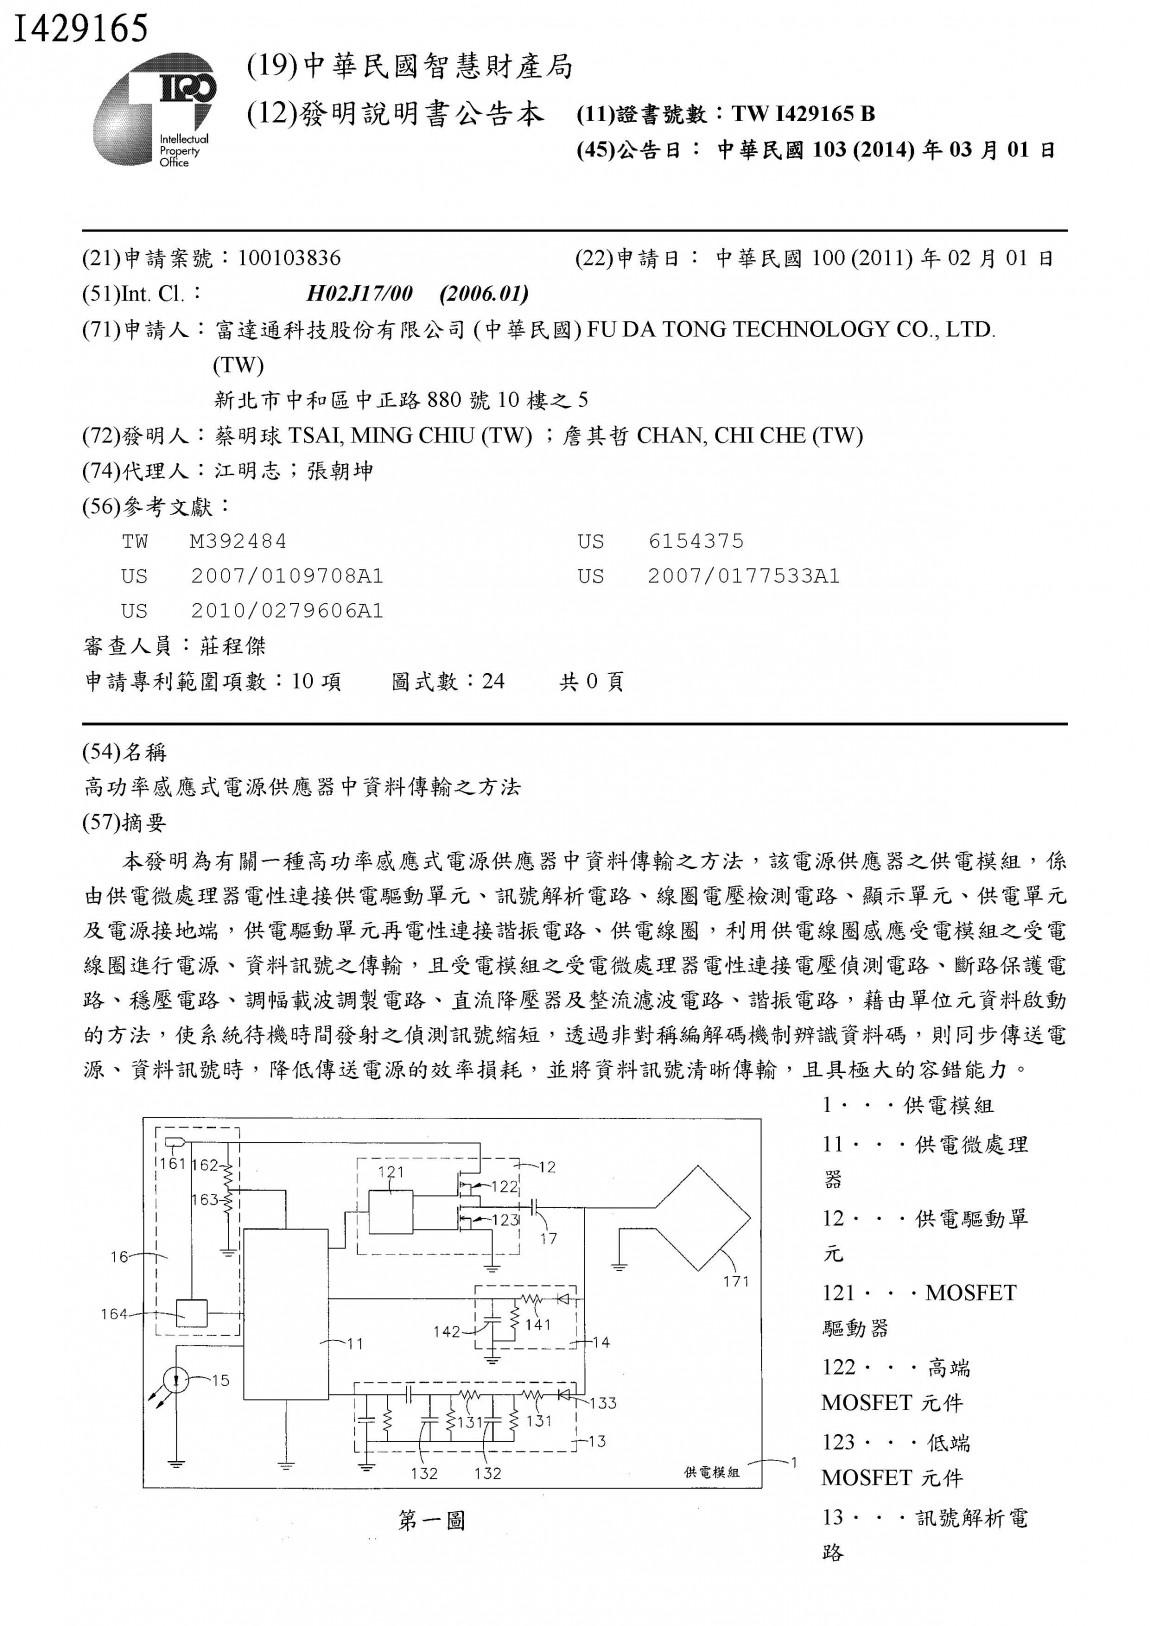 富達通專利10-高功率感應式電源供應器中資料傳輸之方法(台灣)I429165